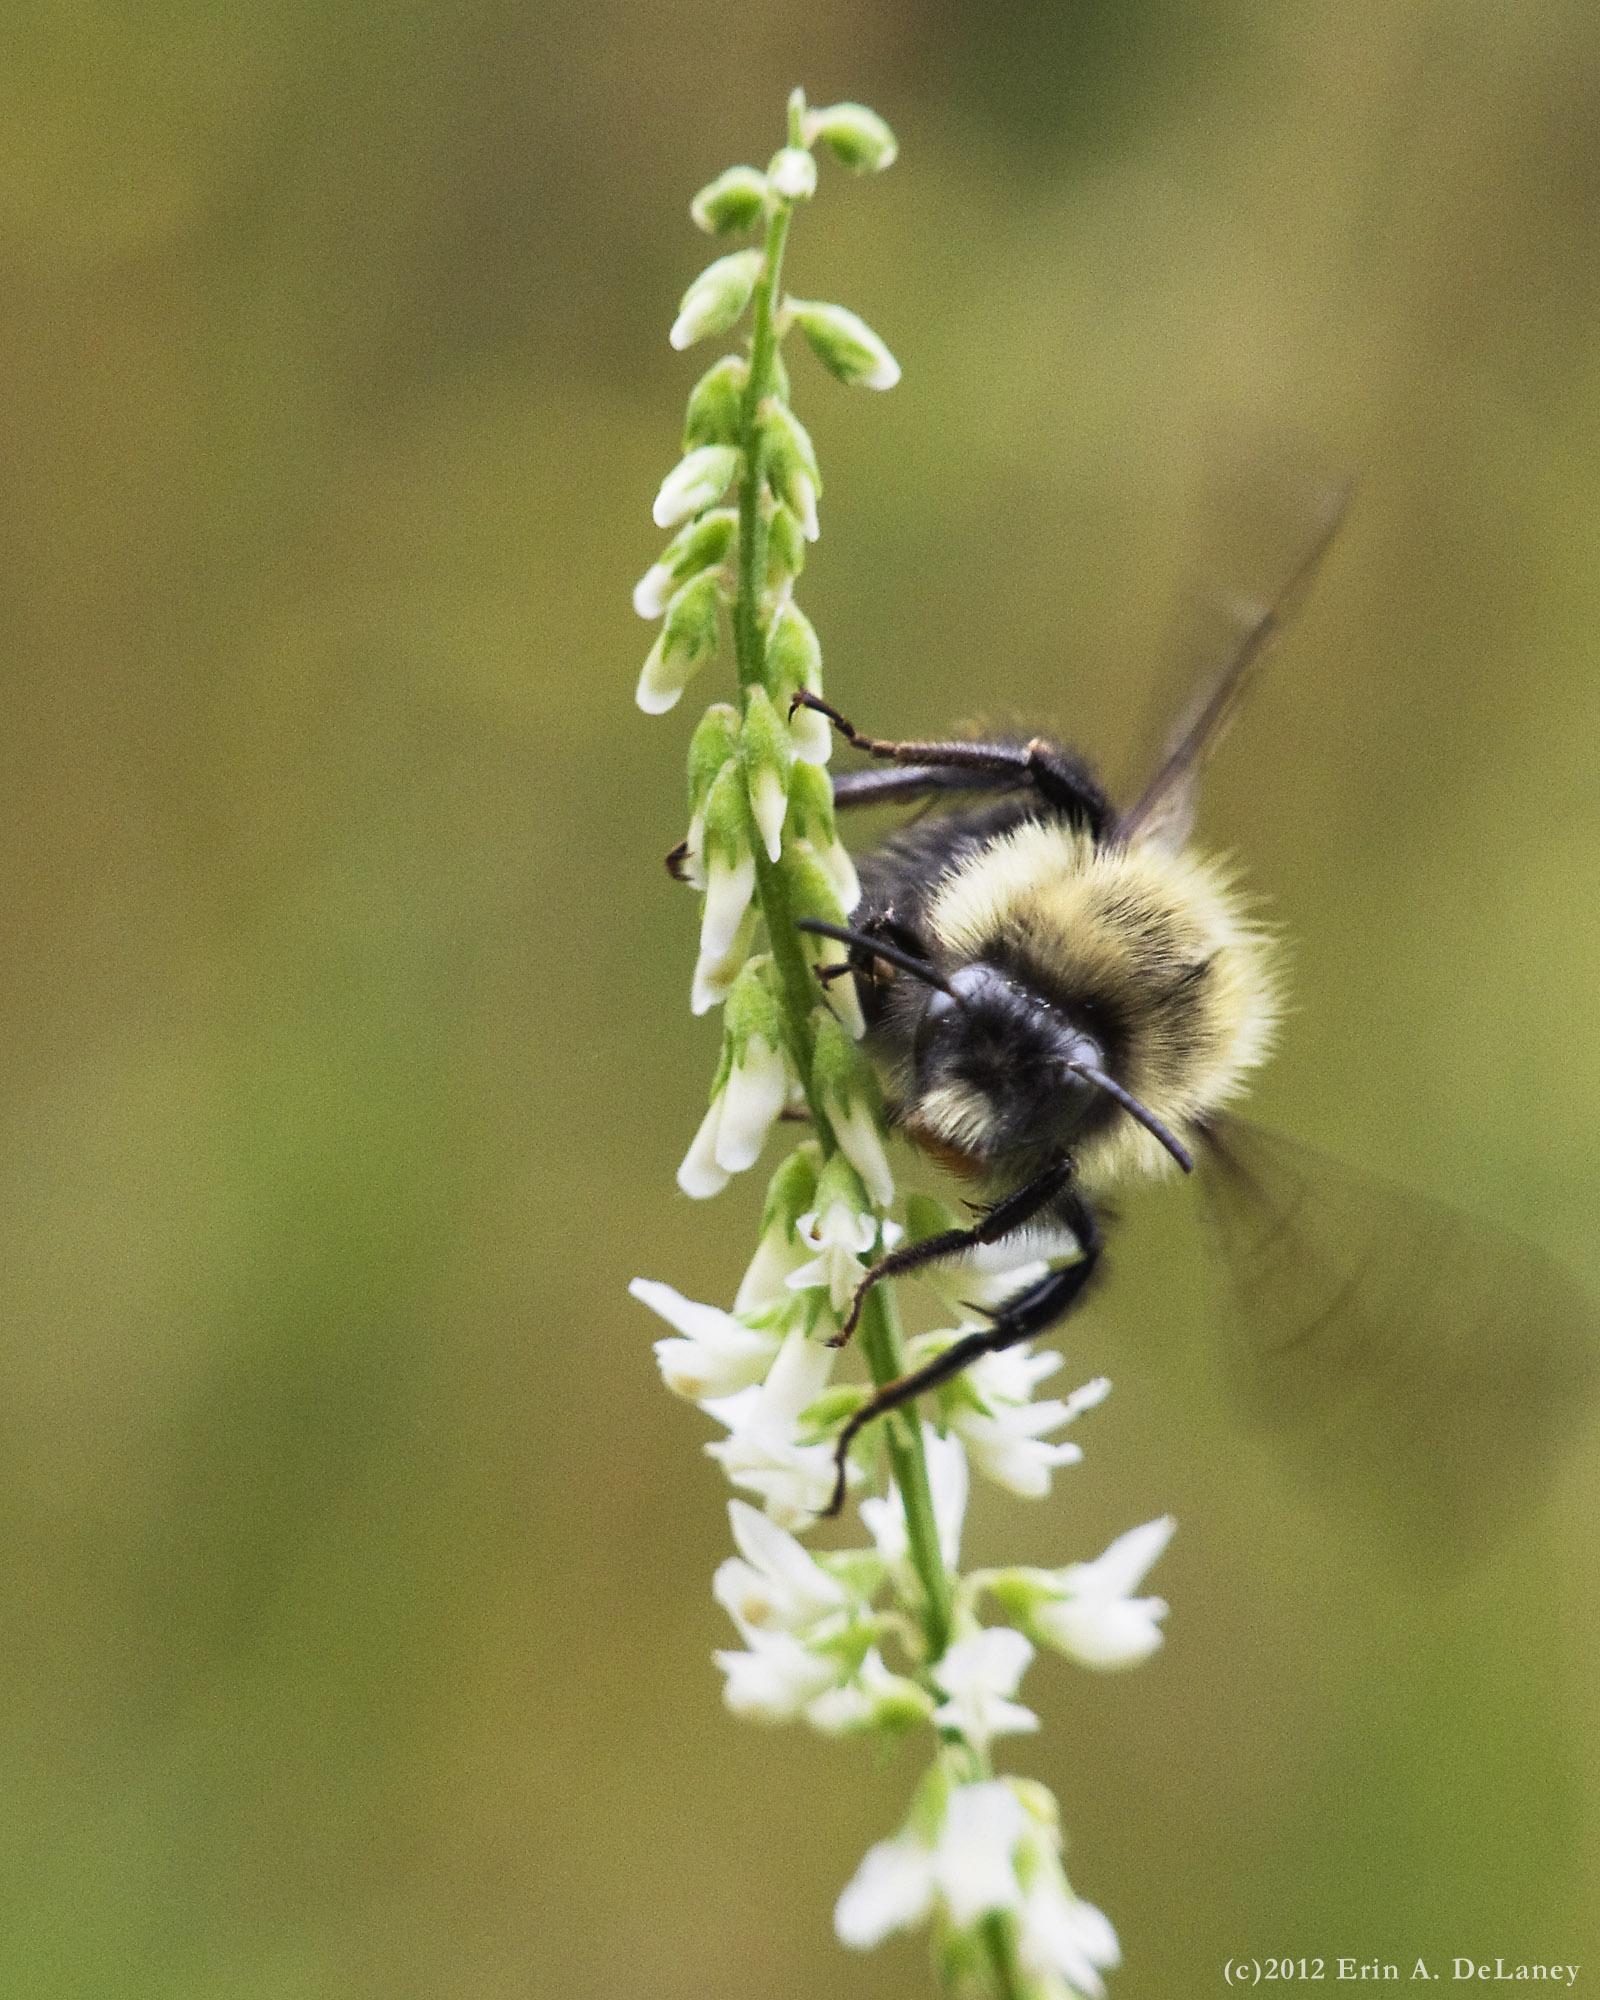 Honeybee on White Sweet Clover, 2012